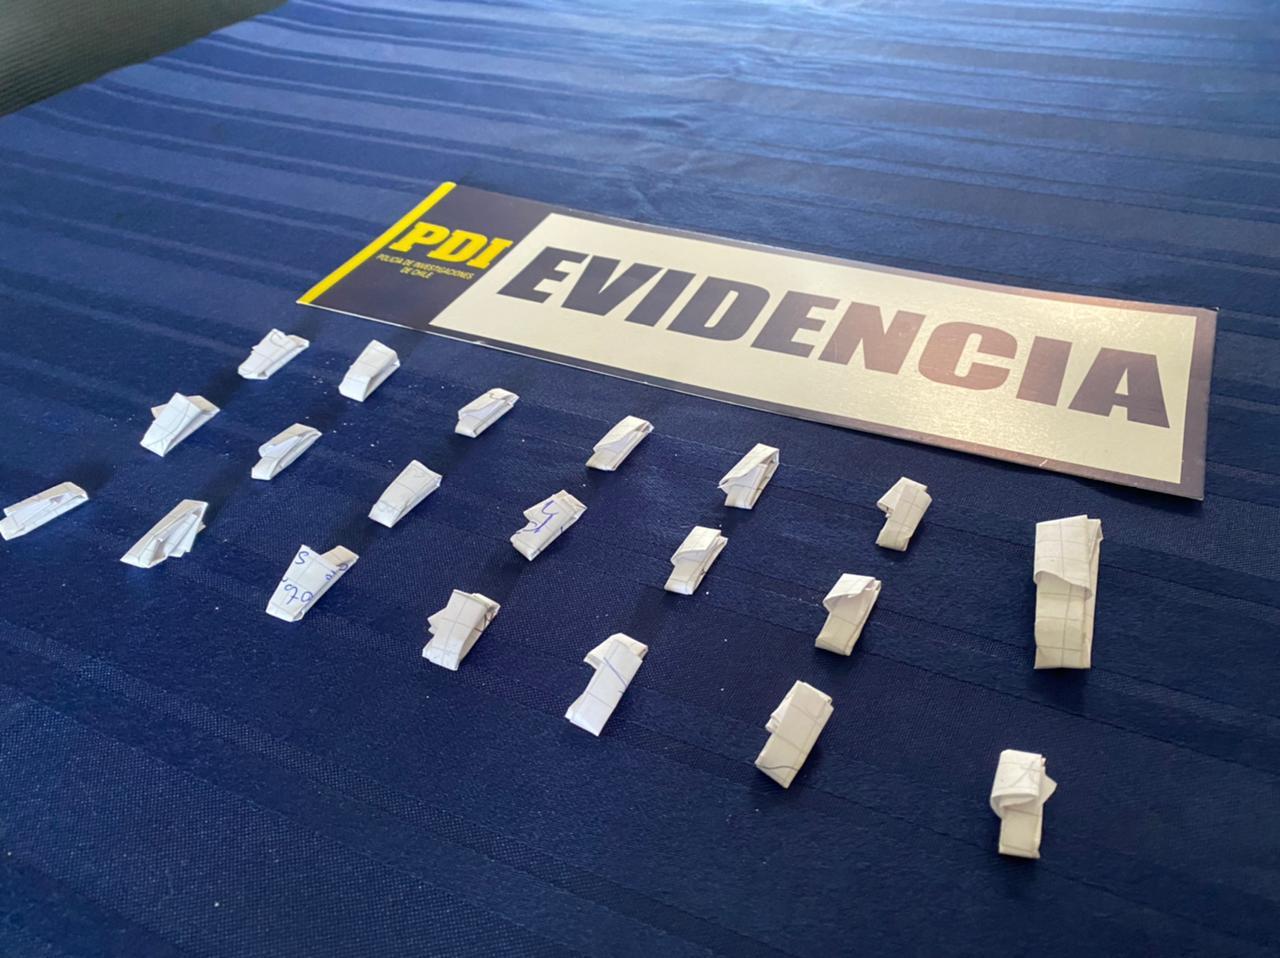 PDI detuvo a sujeto por delivery de droga en Vallenar